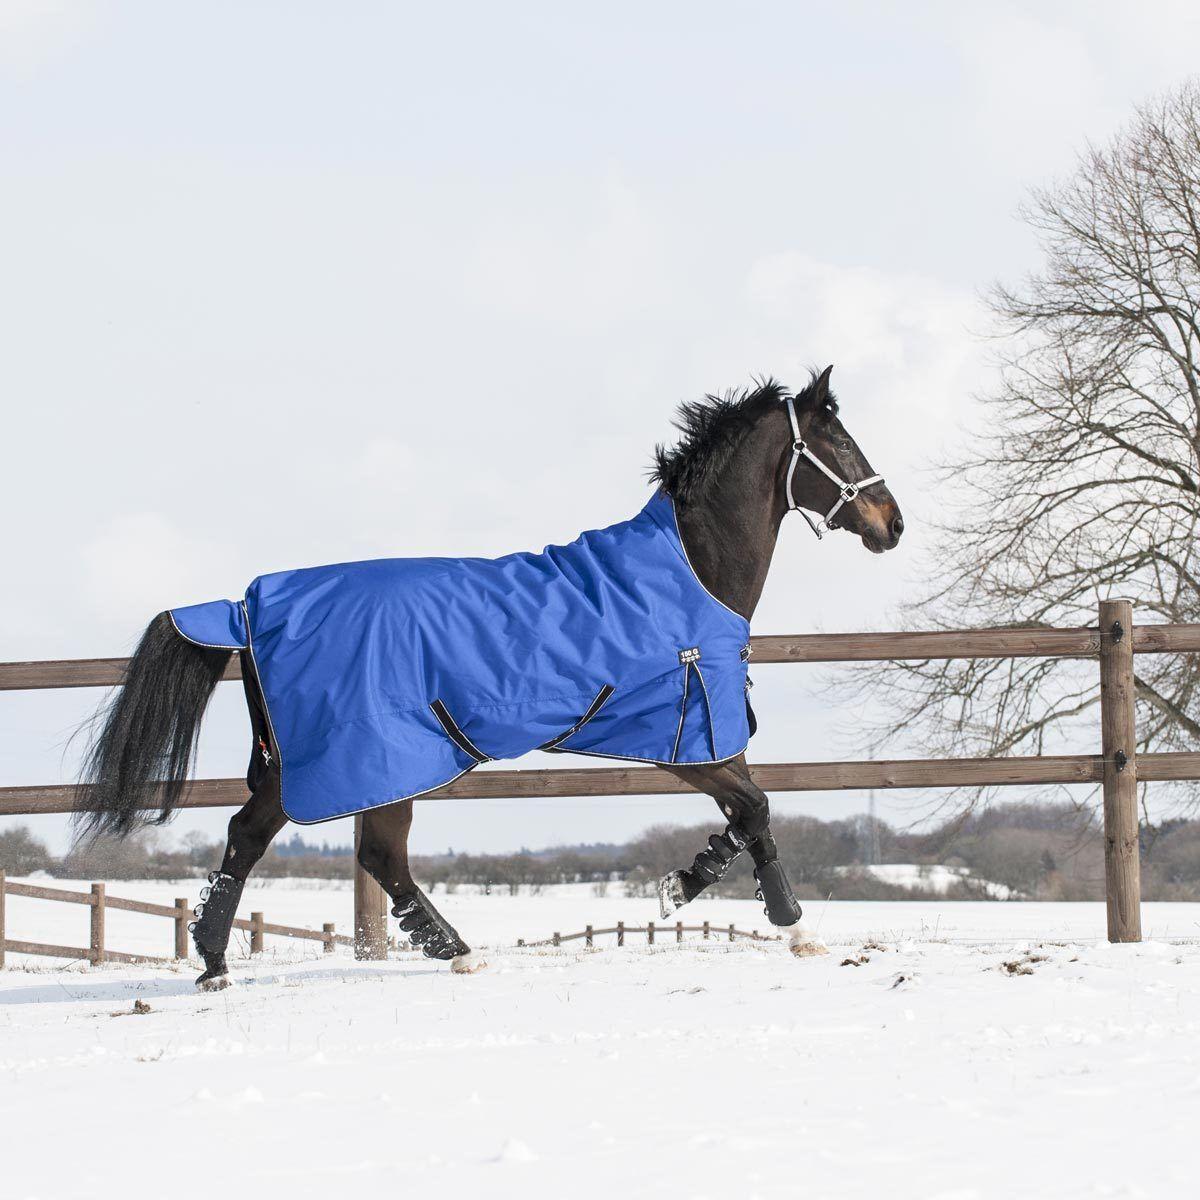 Catago outdoordecke Plus-lluvia manta-Royal-azul-caballos manta manta de caballo